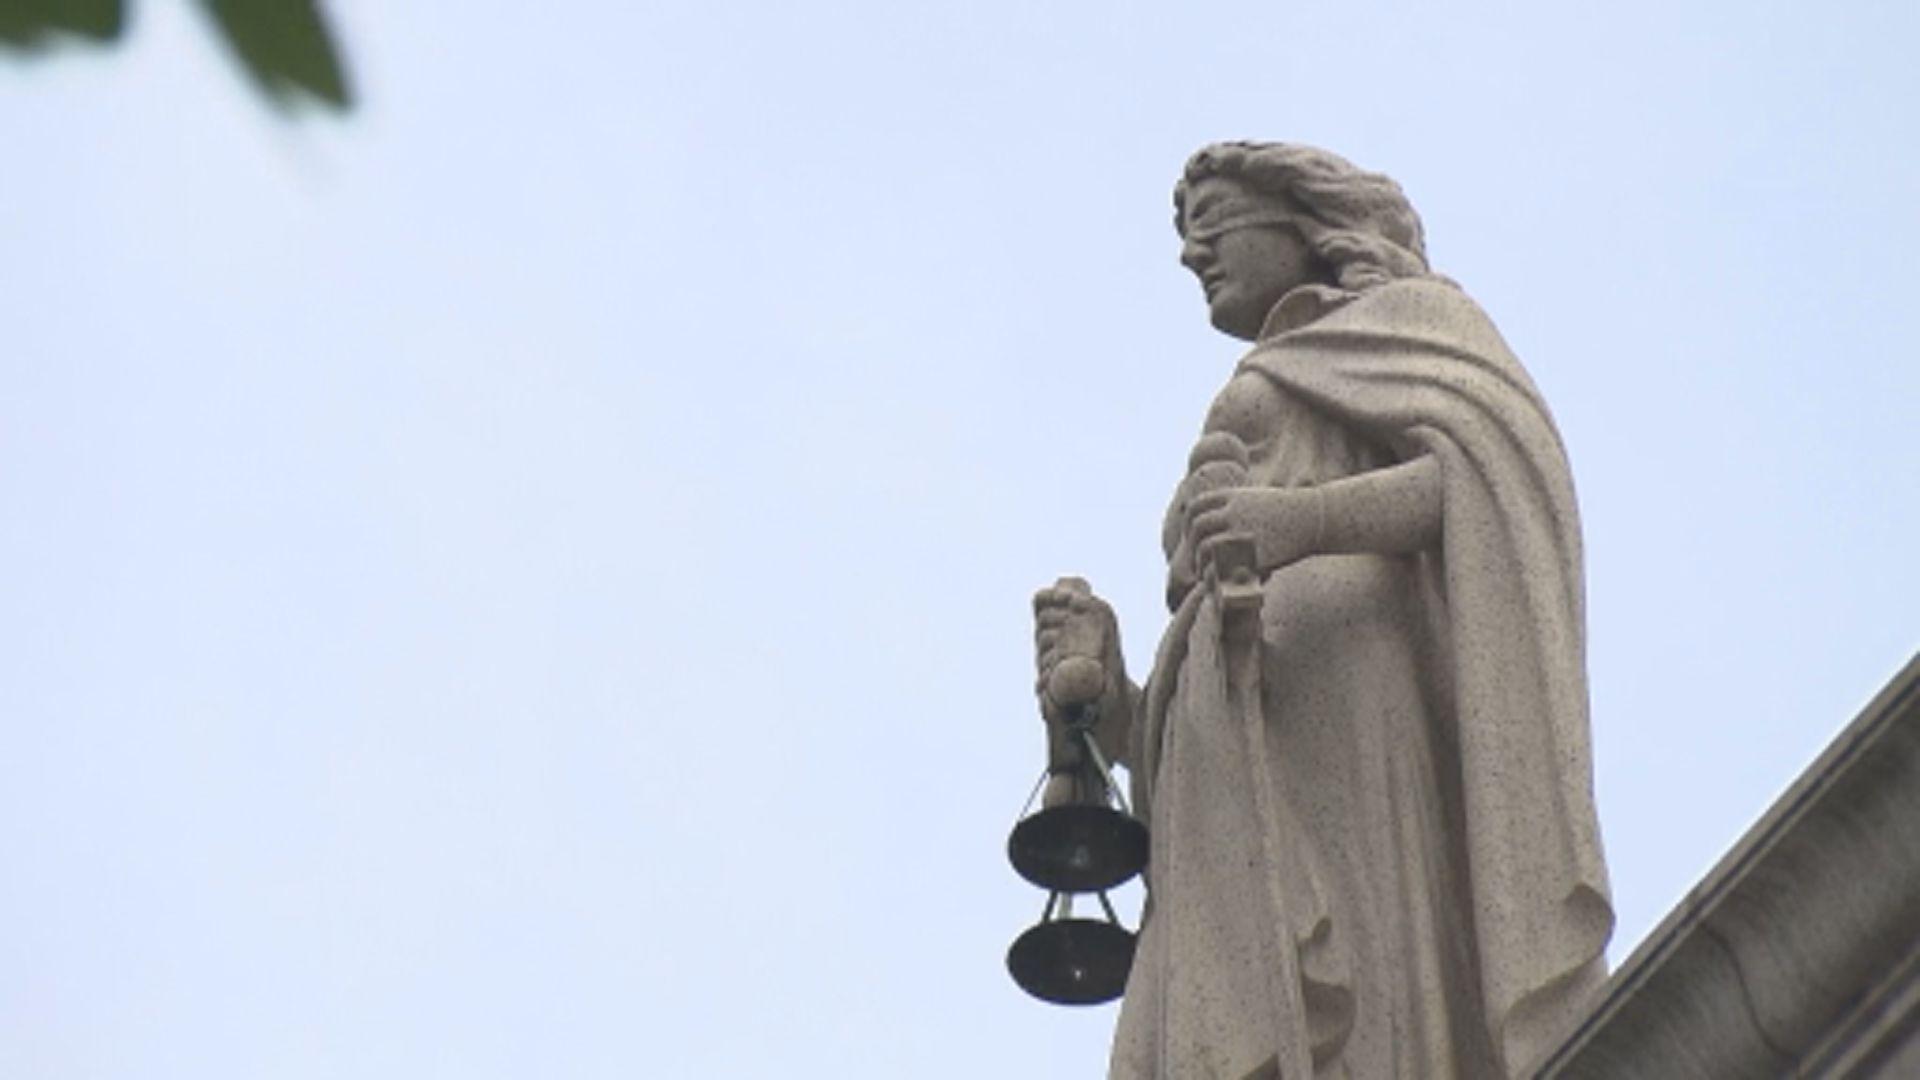 賀知義︰協助港人與維護英國法院聲譽存衝突